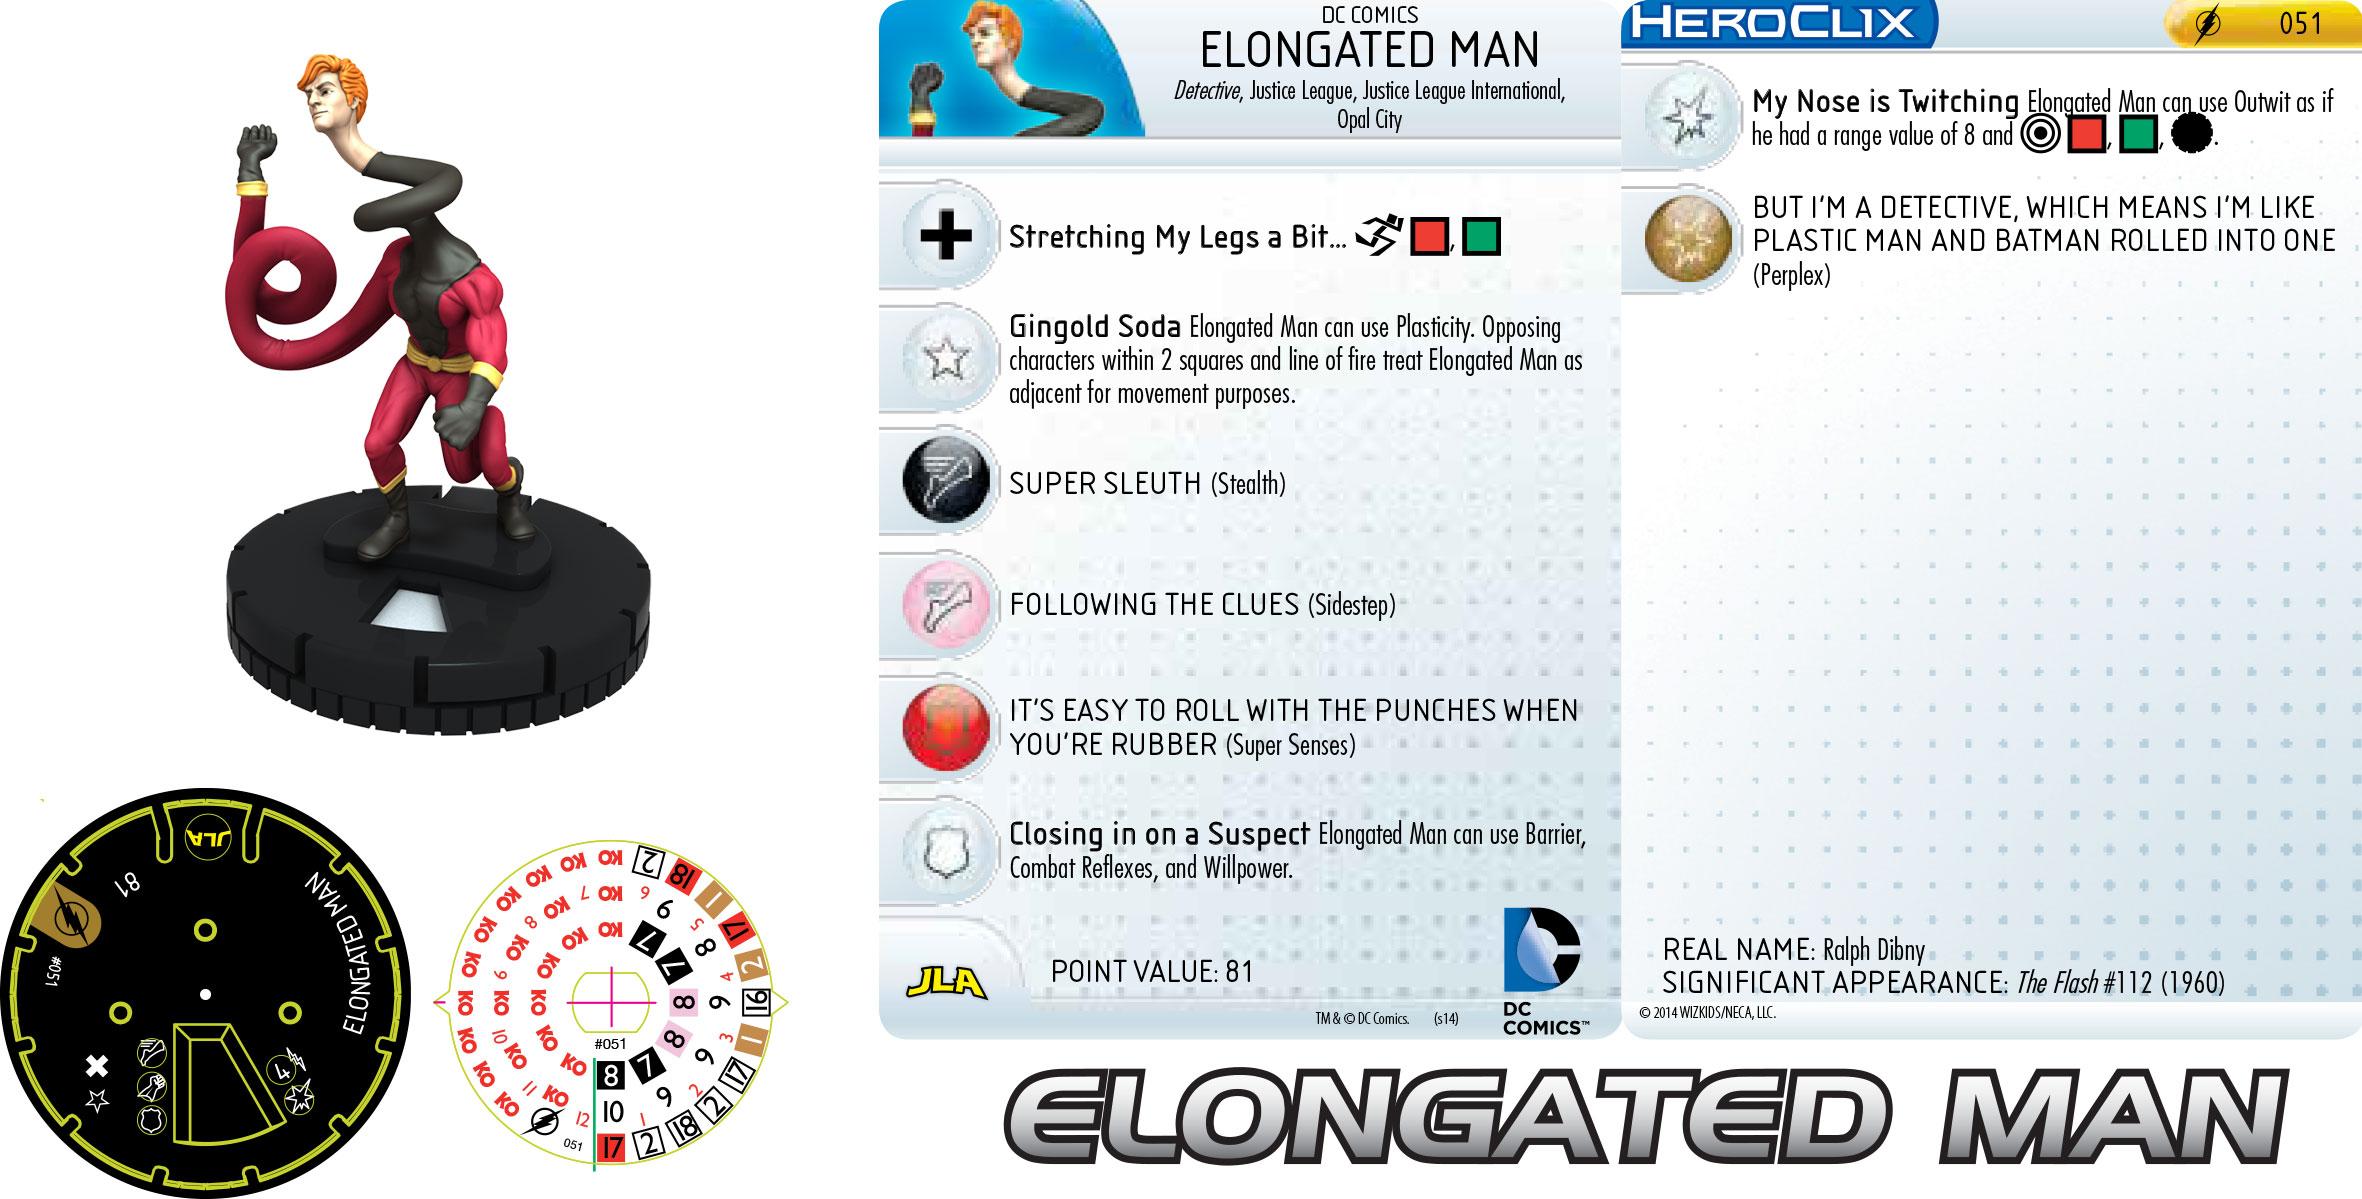 DC Comics HeroClix: Elongated Man